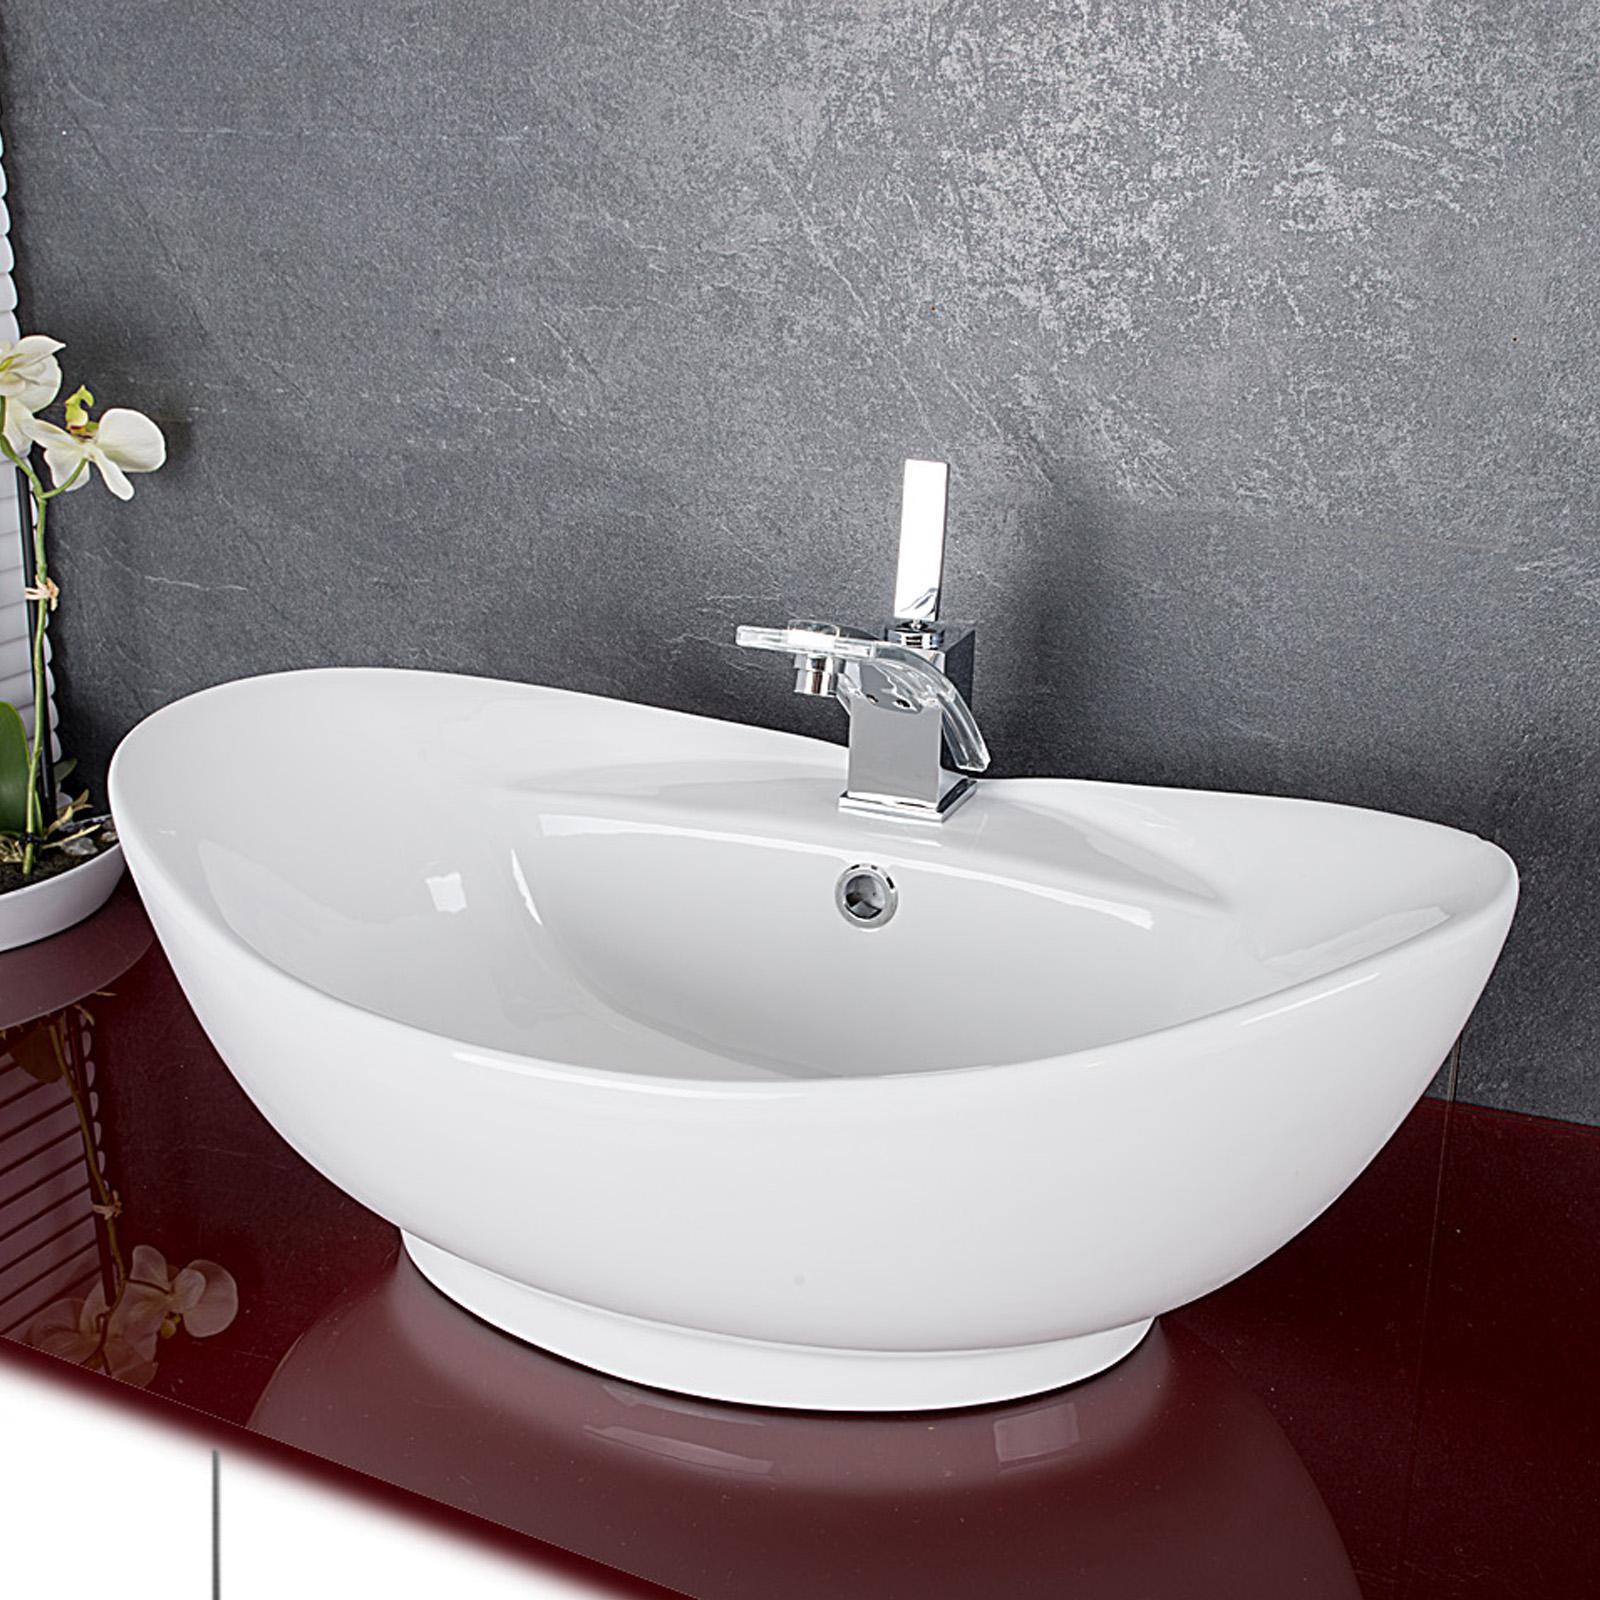 design keramik waschschale aufsatzwaschbecken waschtisch badezimmer waschplatz ebay. Black Bedroom Furniture Sets. Home Design Ideas